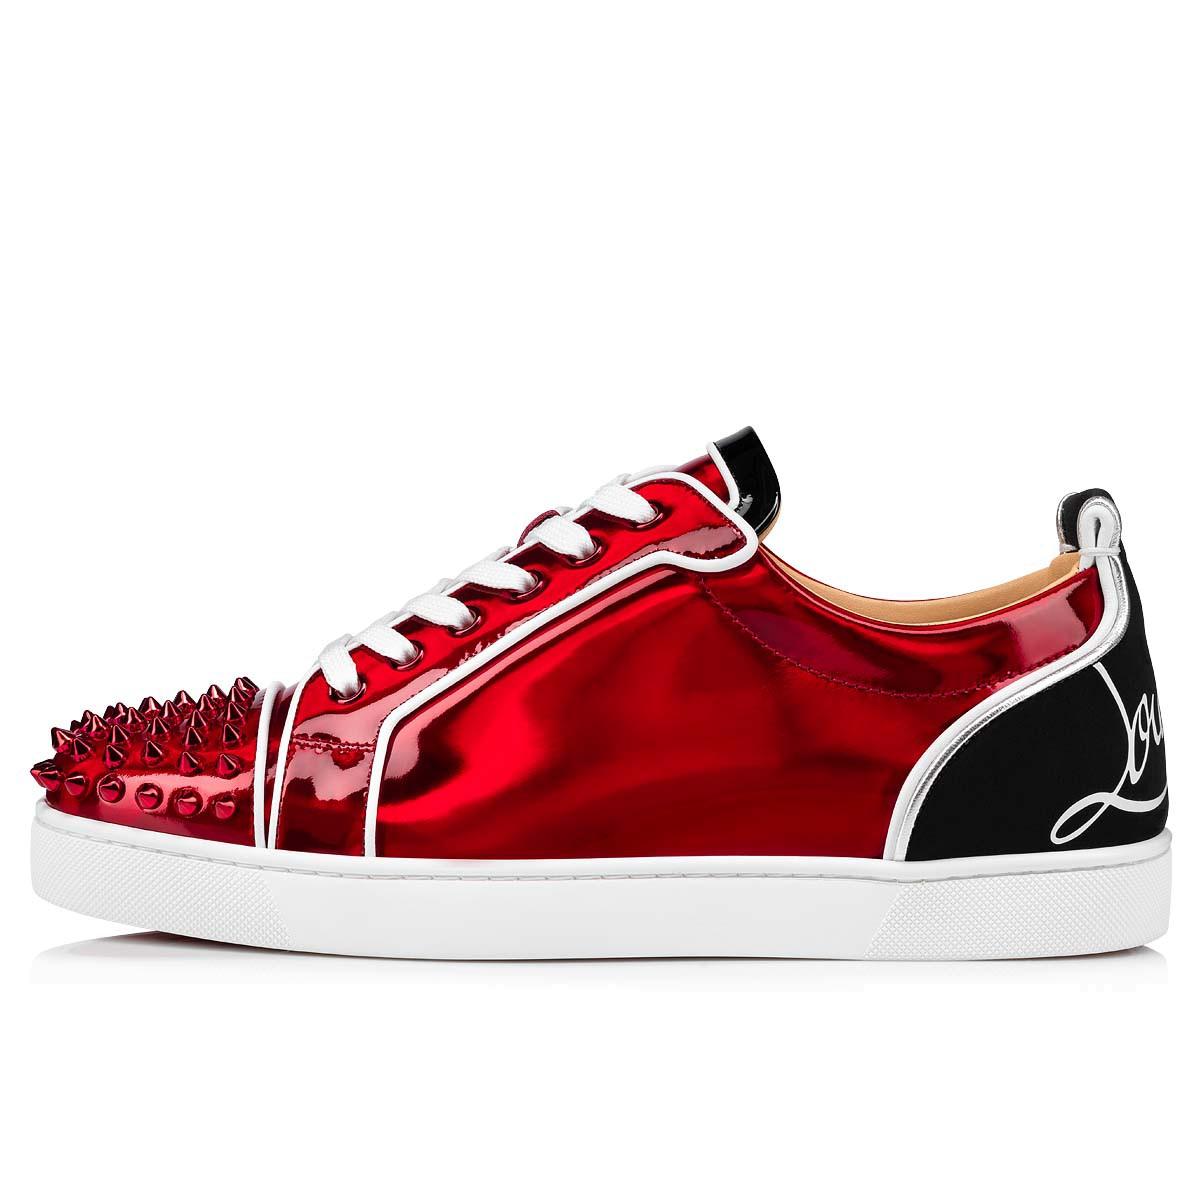 鞋履 - Fun Louis Junior Spikes - Christian Louboutin